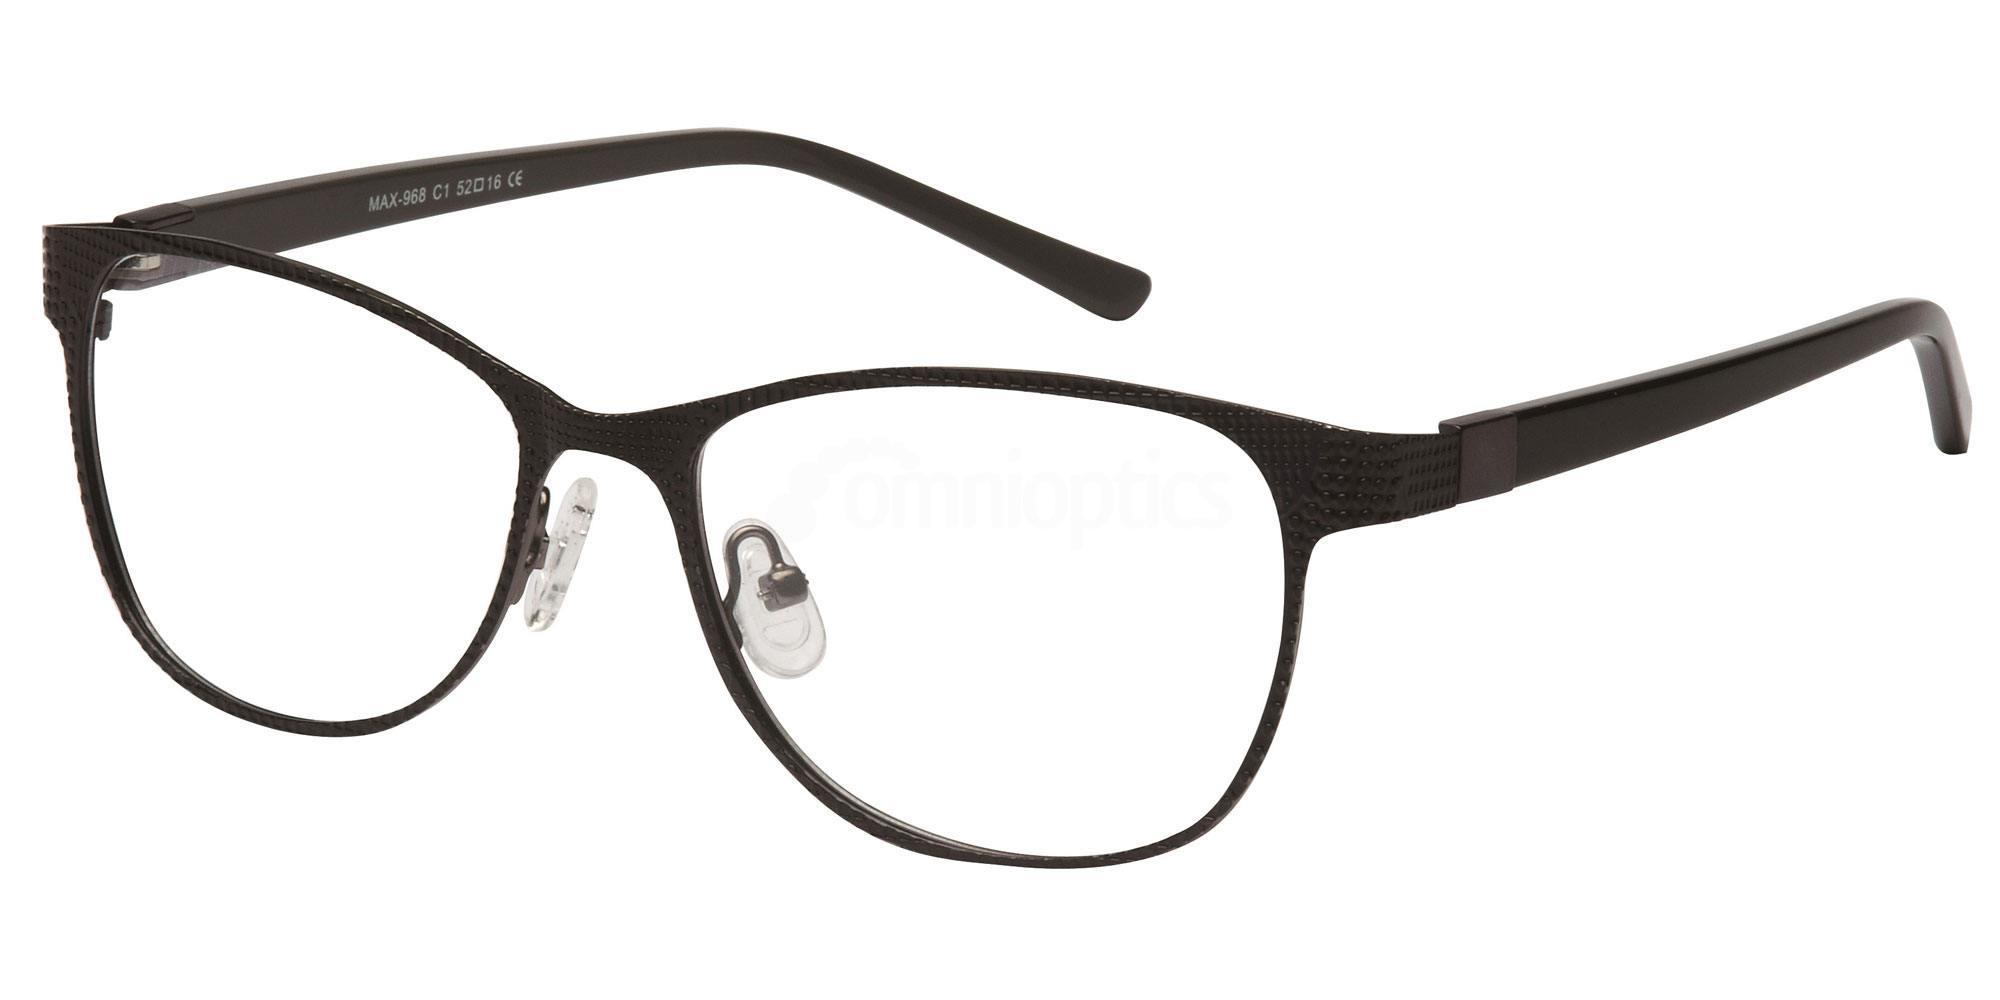 C1 M968 , Max Eyewear